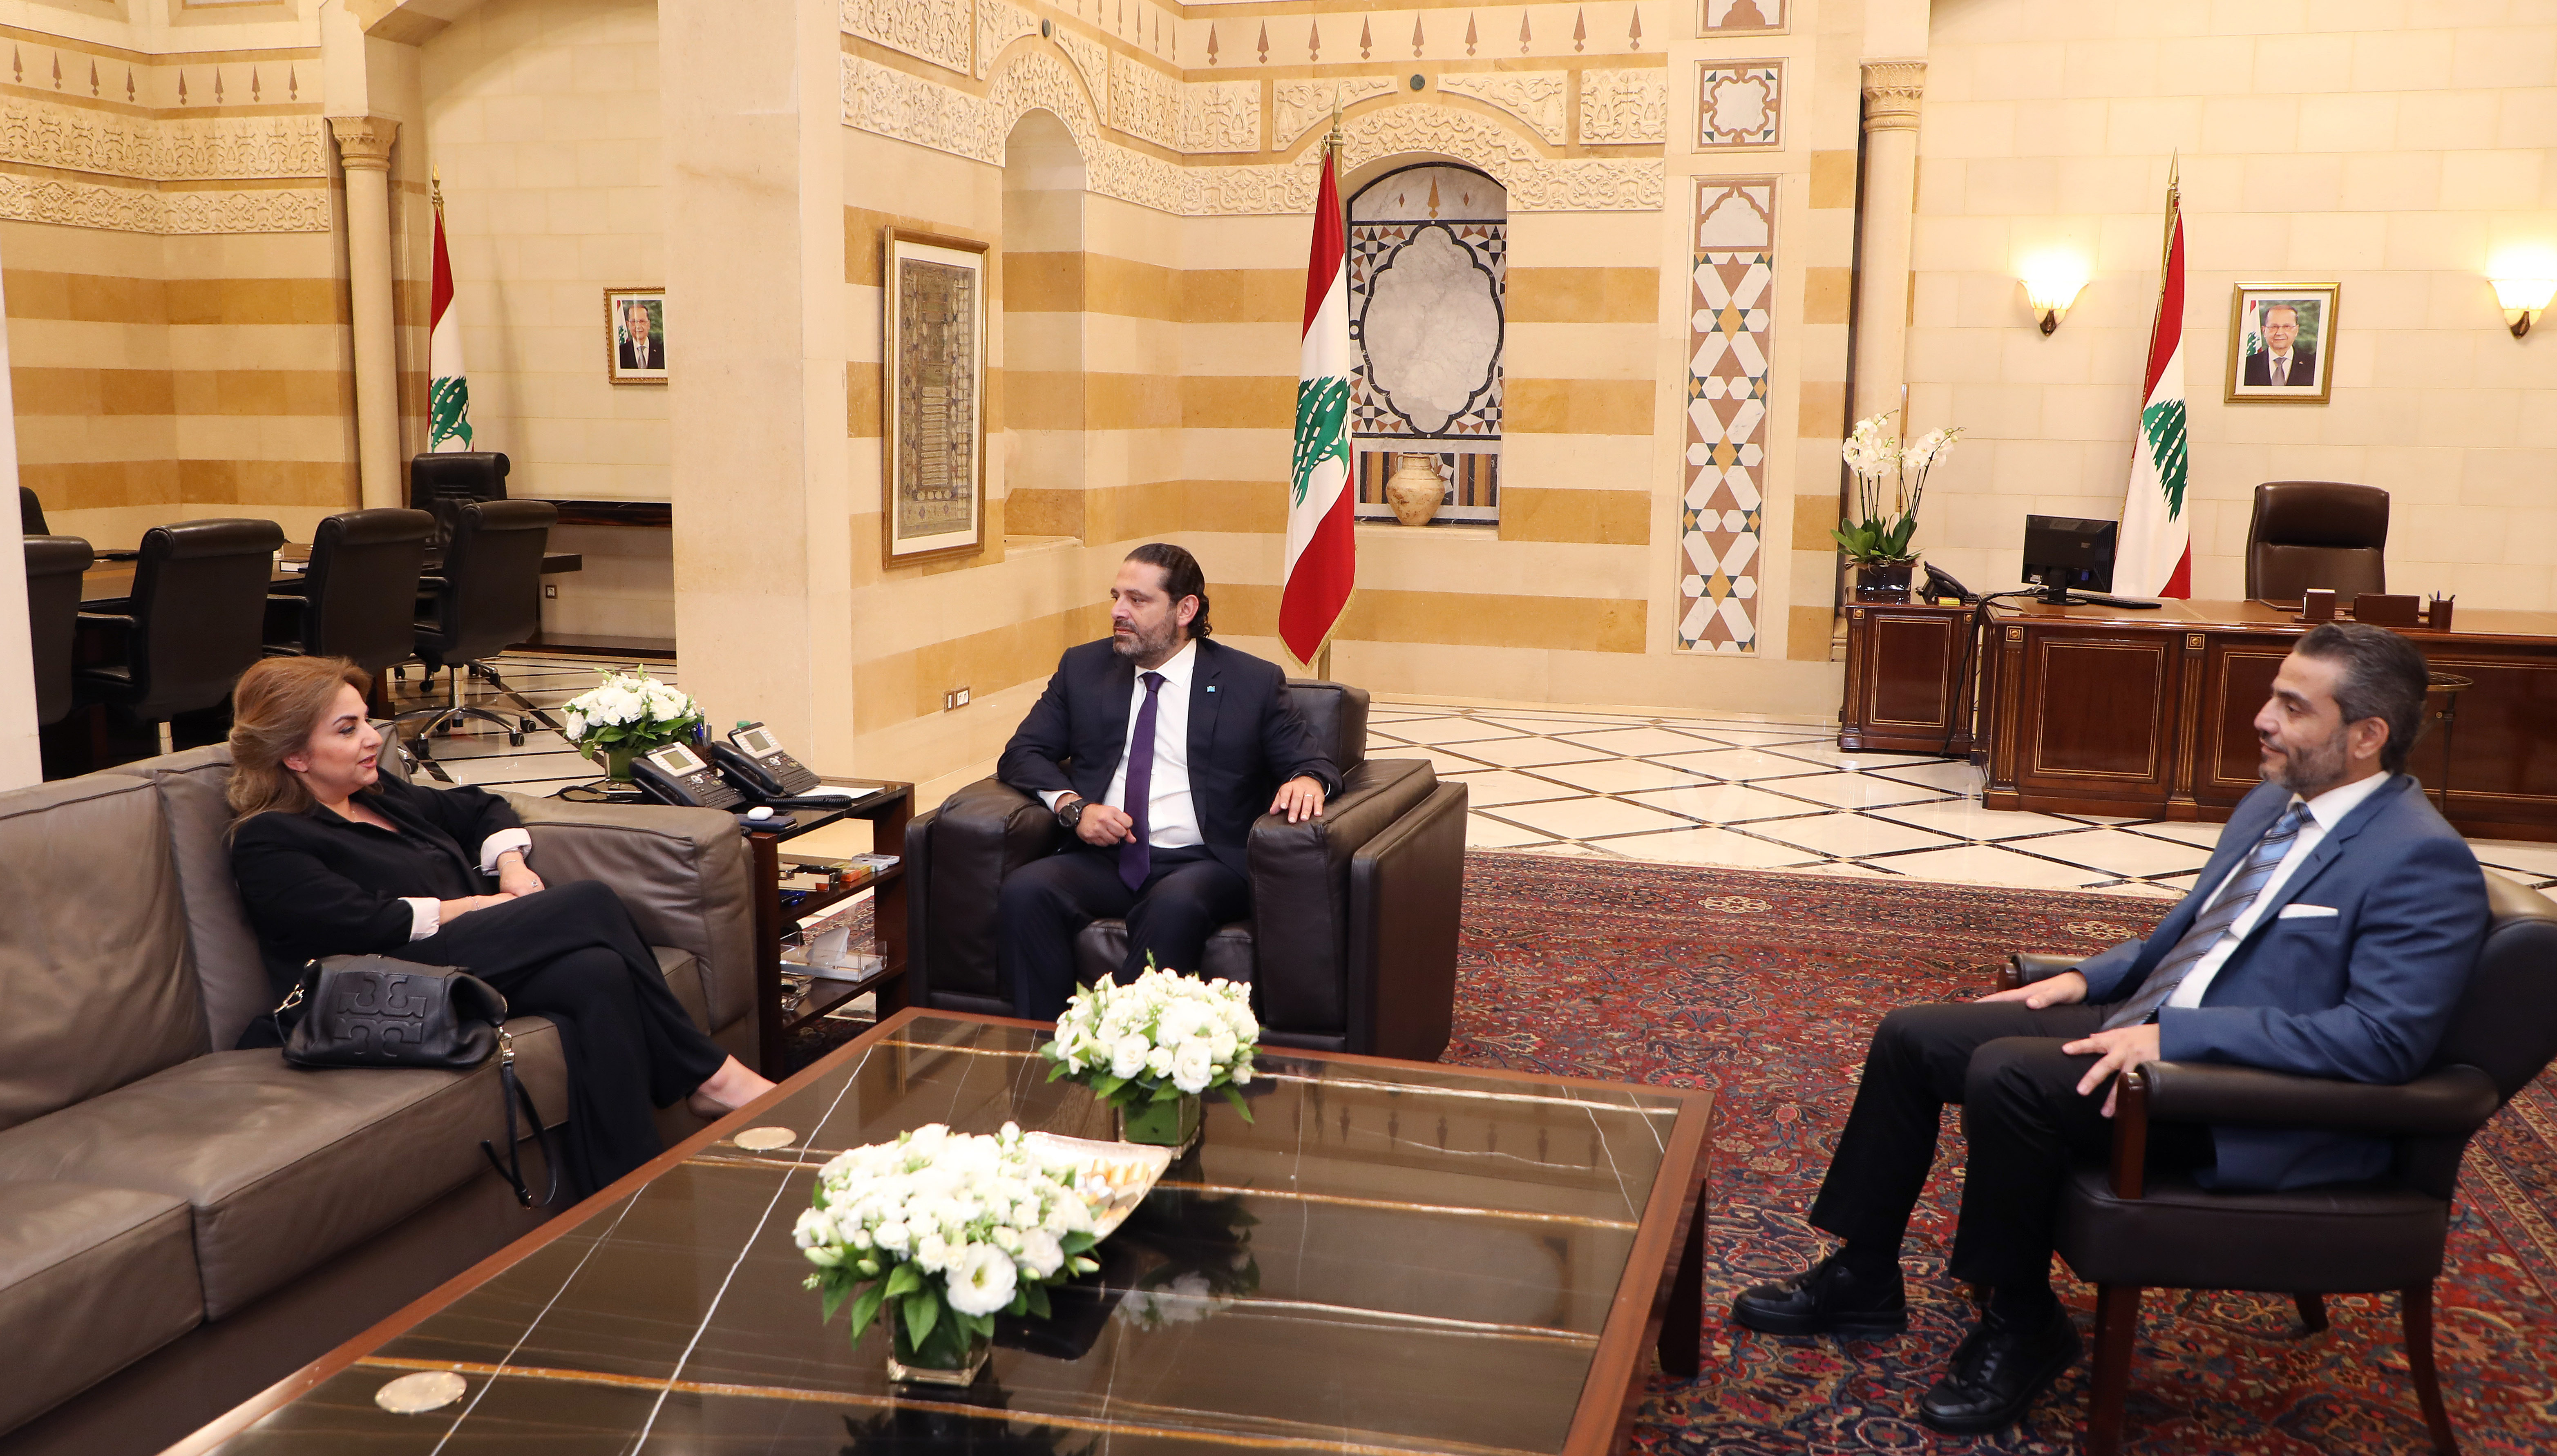 Pr Minister Saad Hariri meets 1